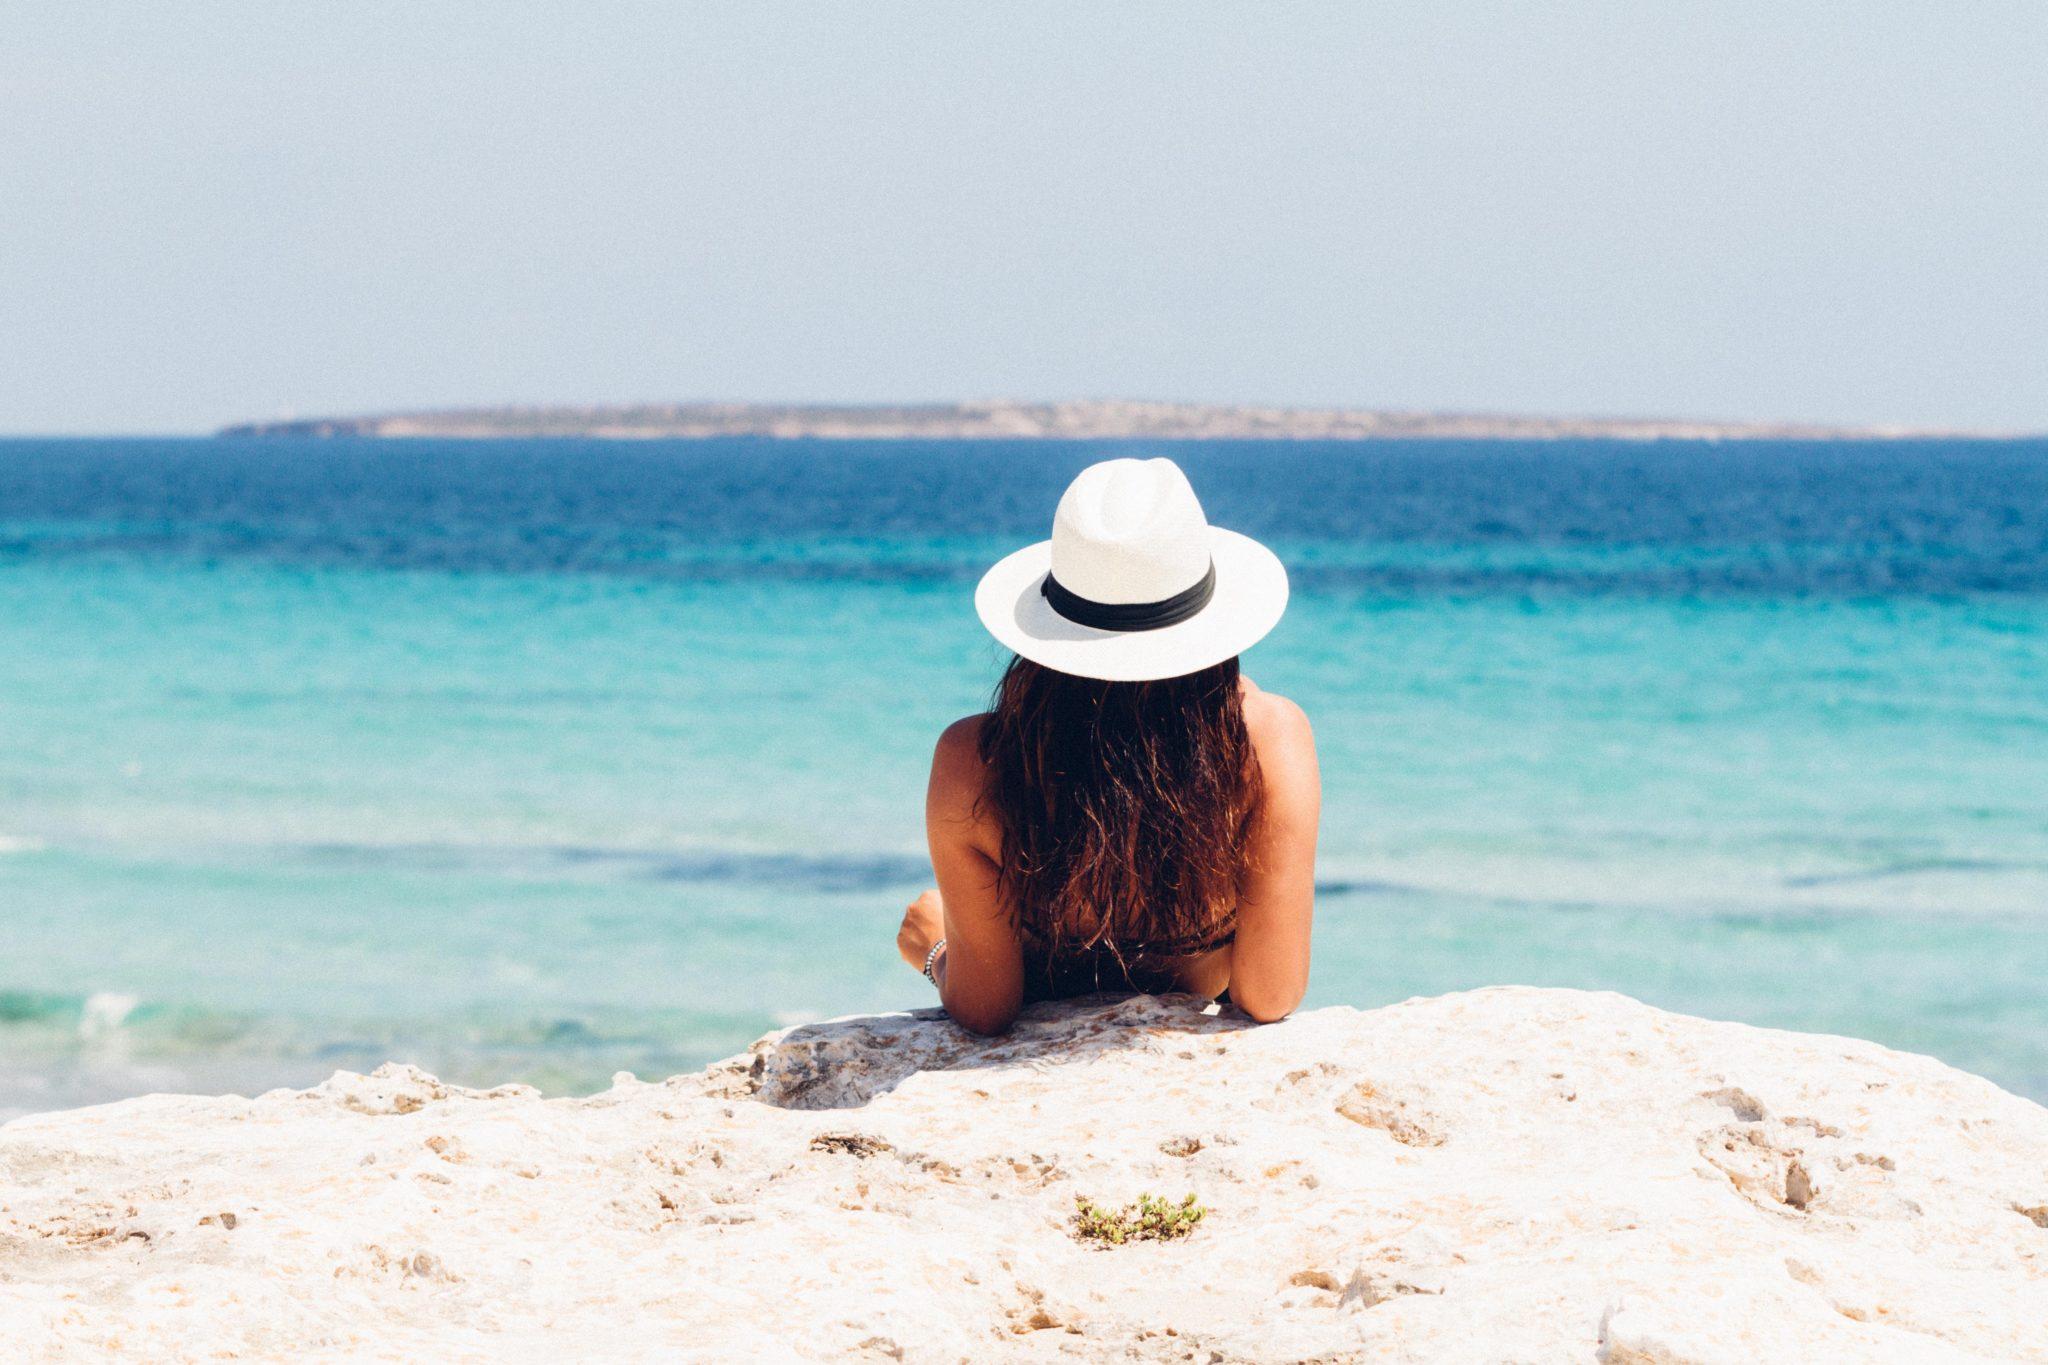 Псаммотерапия: чем полезны песочные ванны?